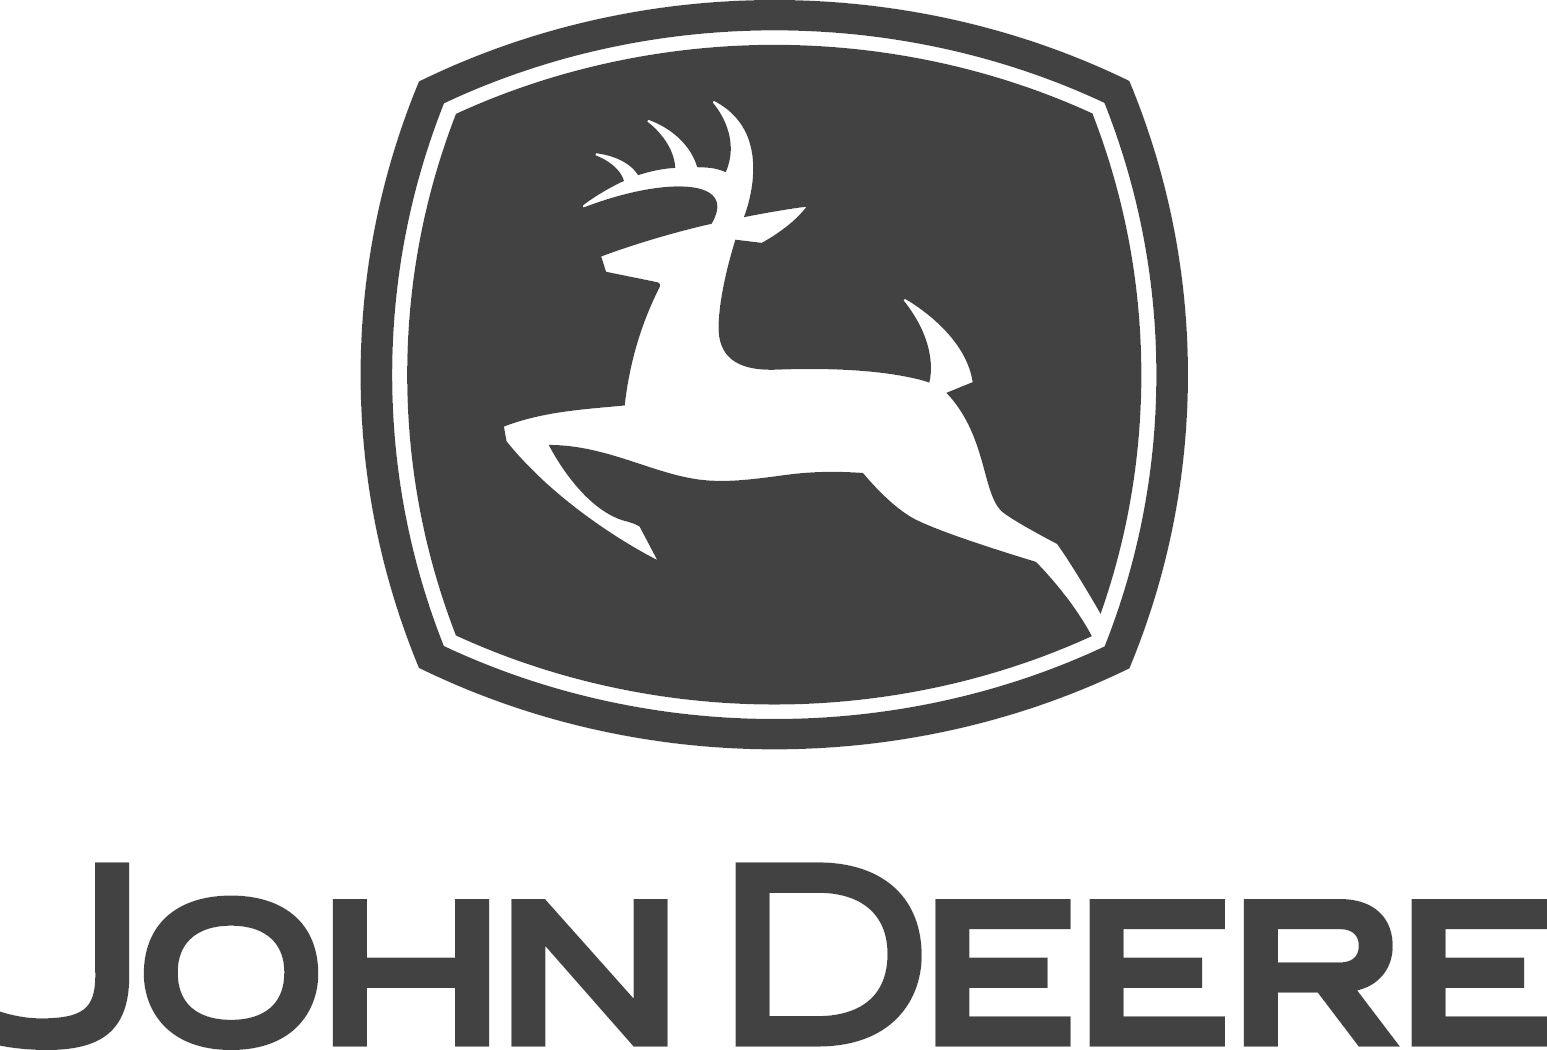 25,000 John Deere tractors recalled due to faulty